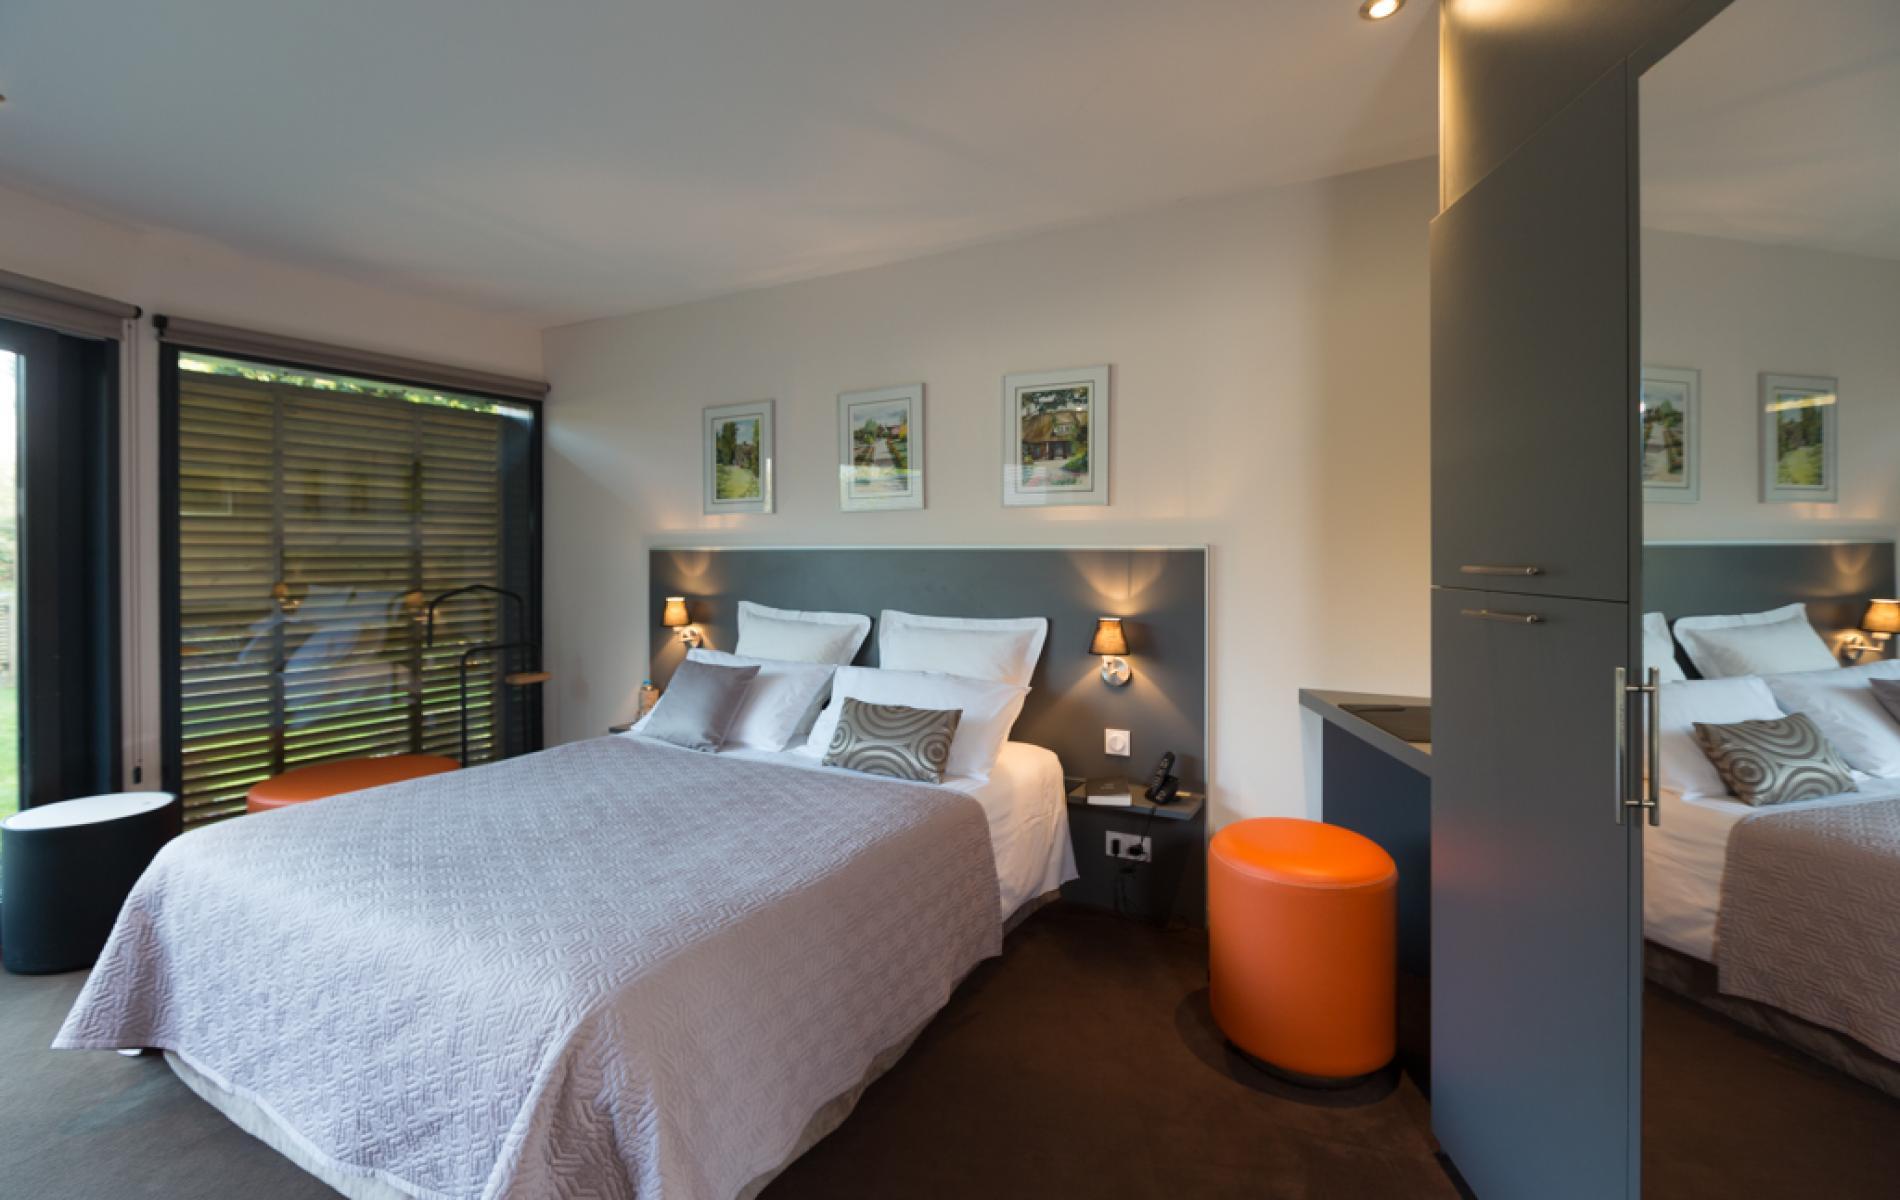 les chambres et duplex de l 39 h tel pont audemer pr s d 39 honfleur en normandie. Black Bedroom Furniture Sets. Home Design Ideas